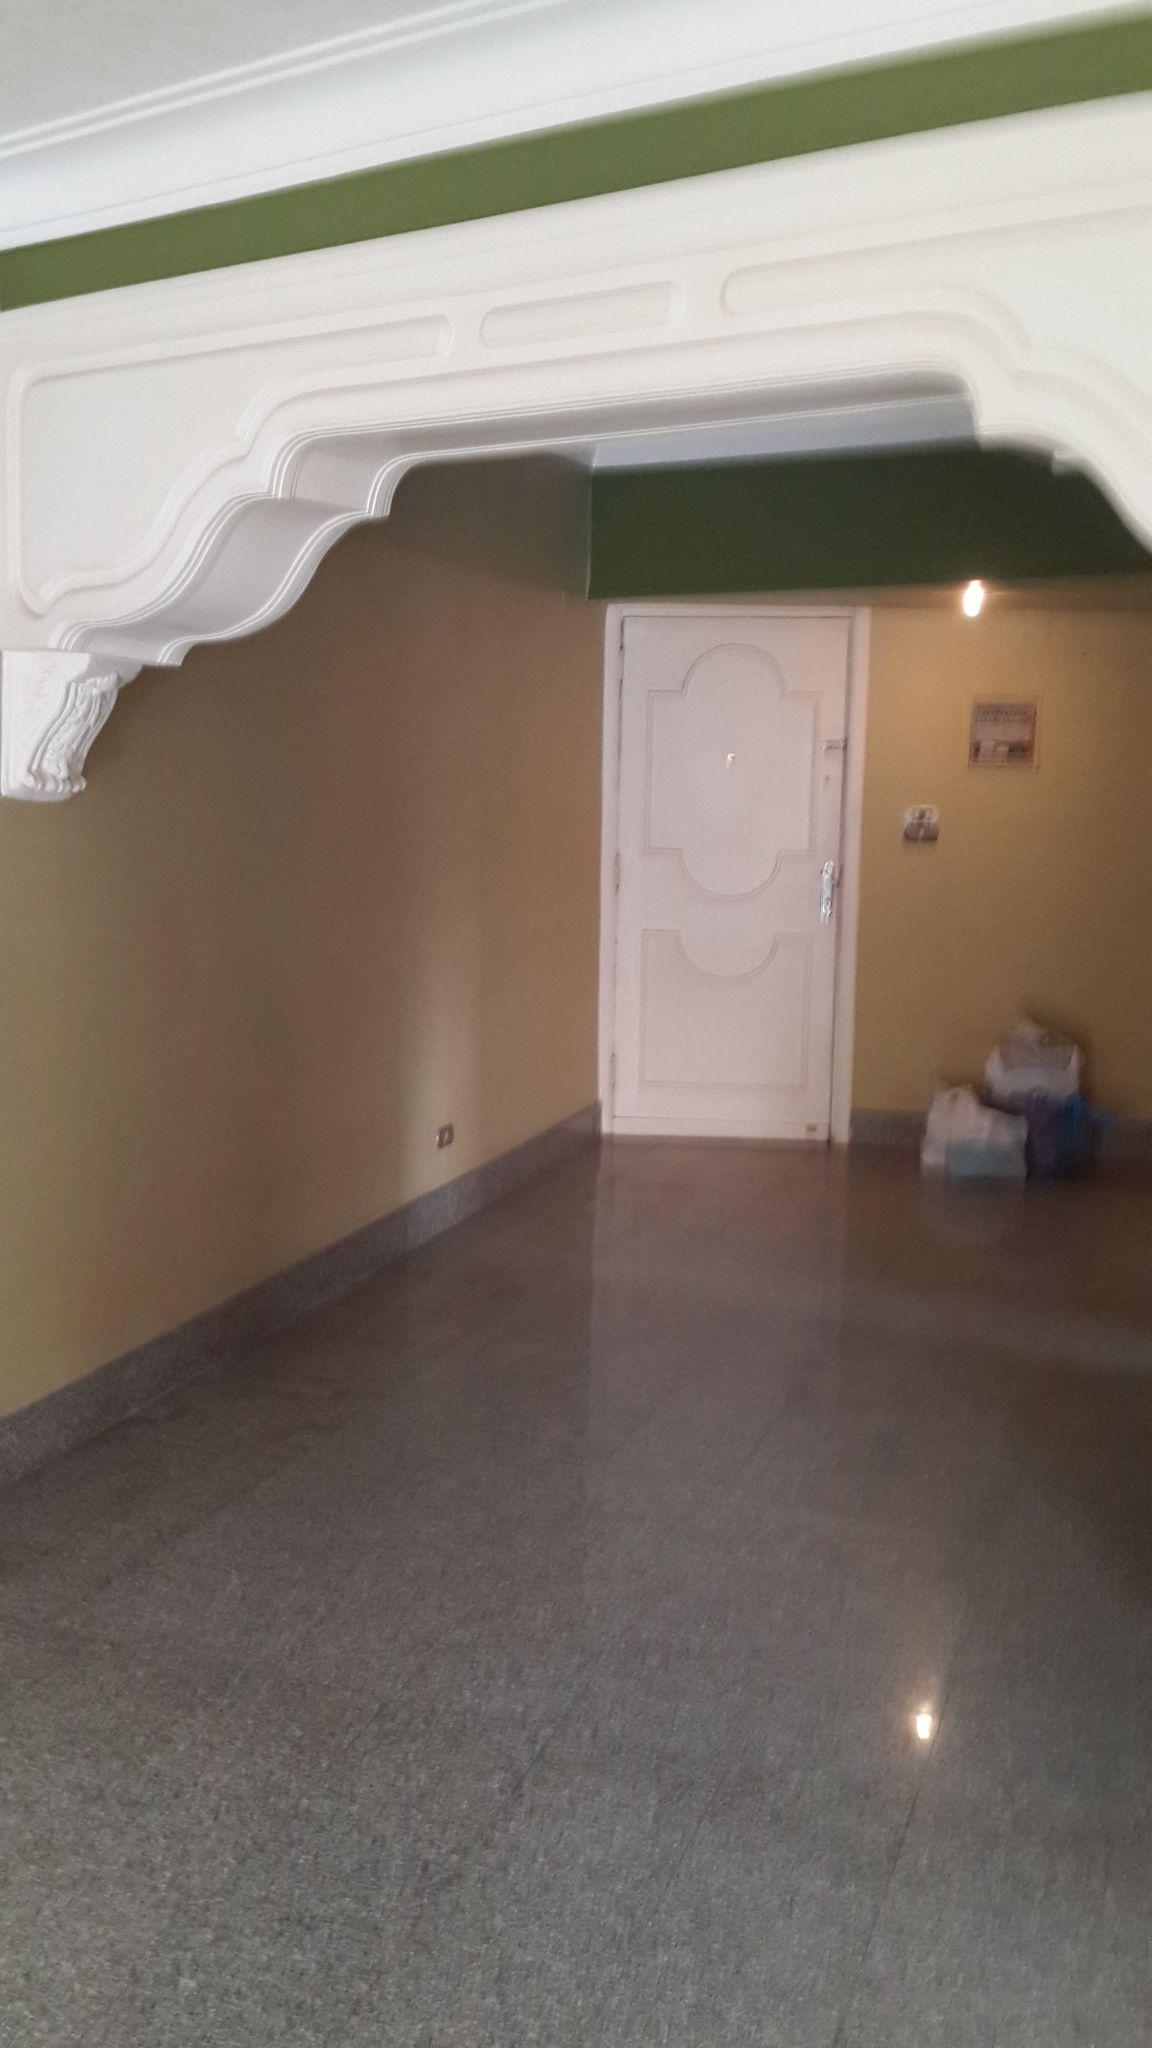 شقق للايجار الجديد في شهاب 2016 178149 مصر شوف عقار Loft Bed Home Apartment